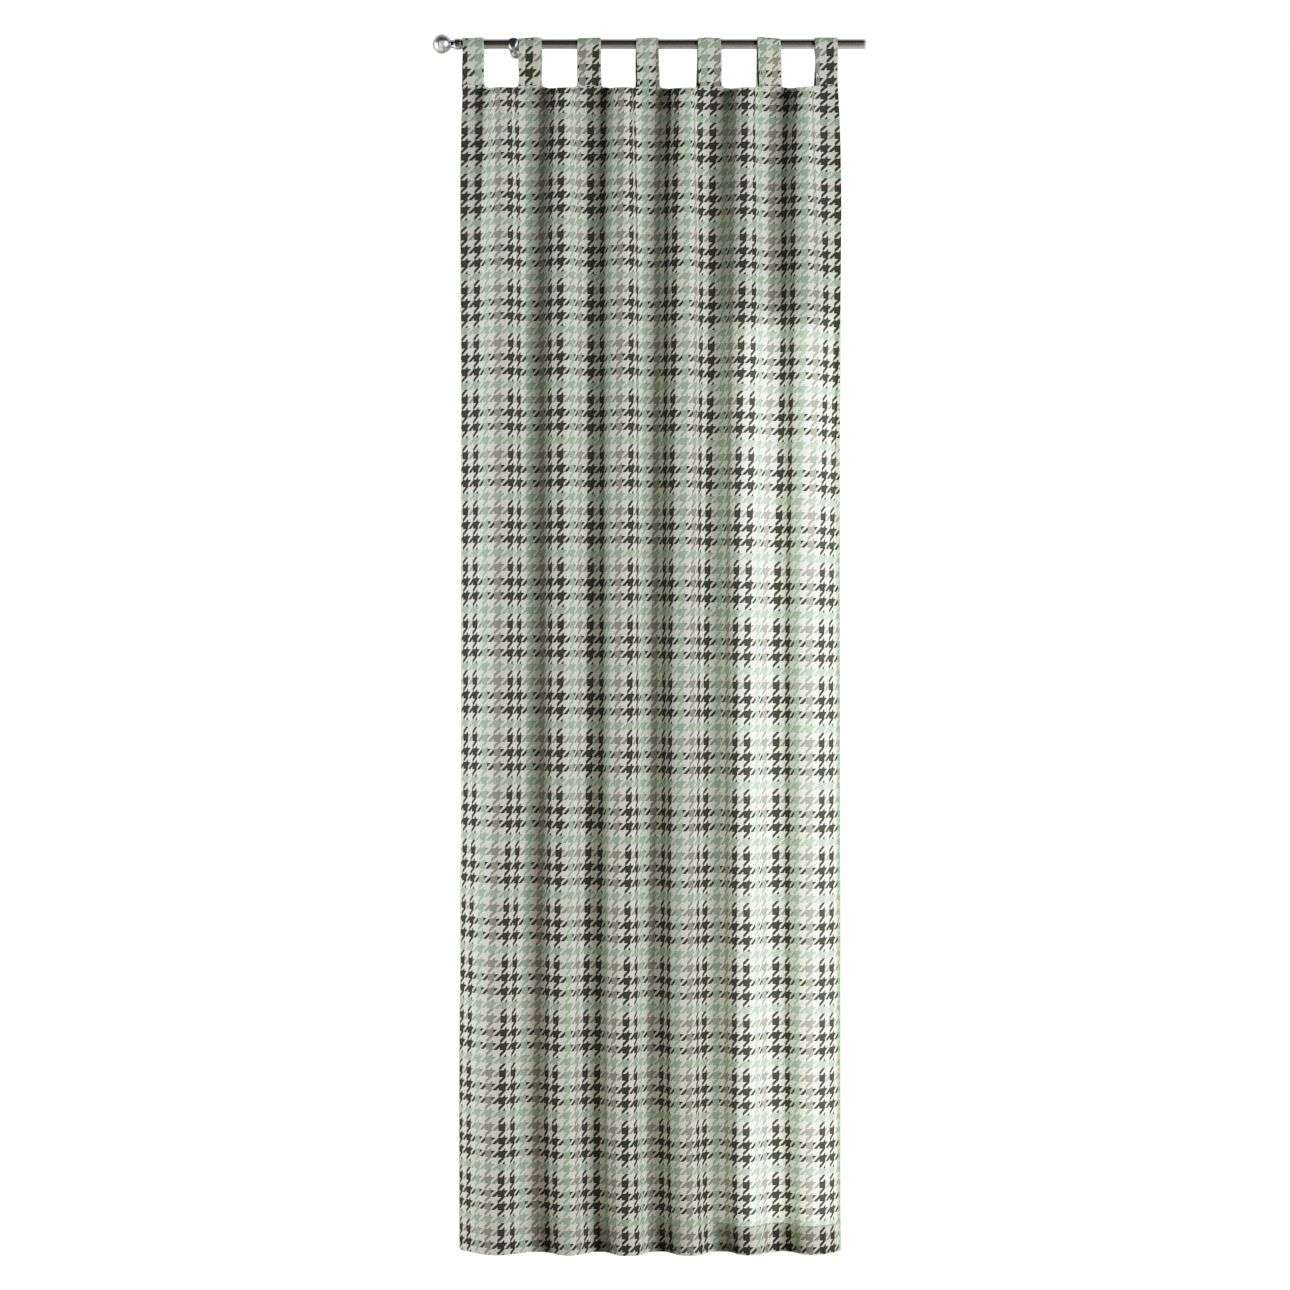 Závěs na poutkách 130 x 260 cm v kolekci Brooklyn, látka: 137-77